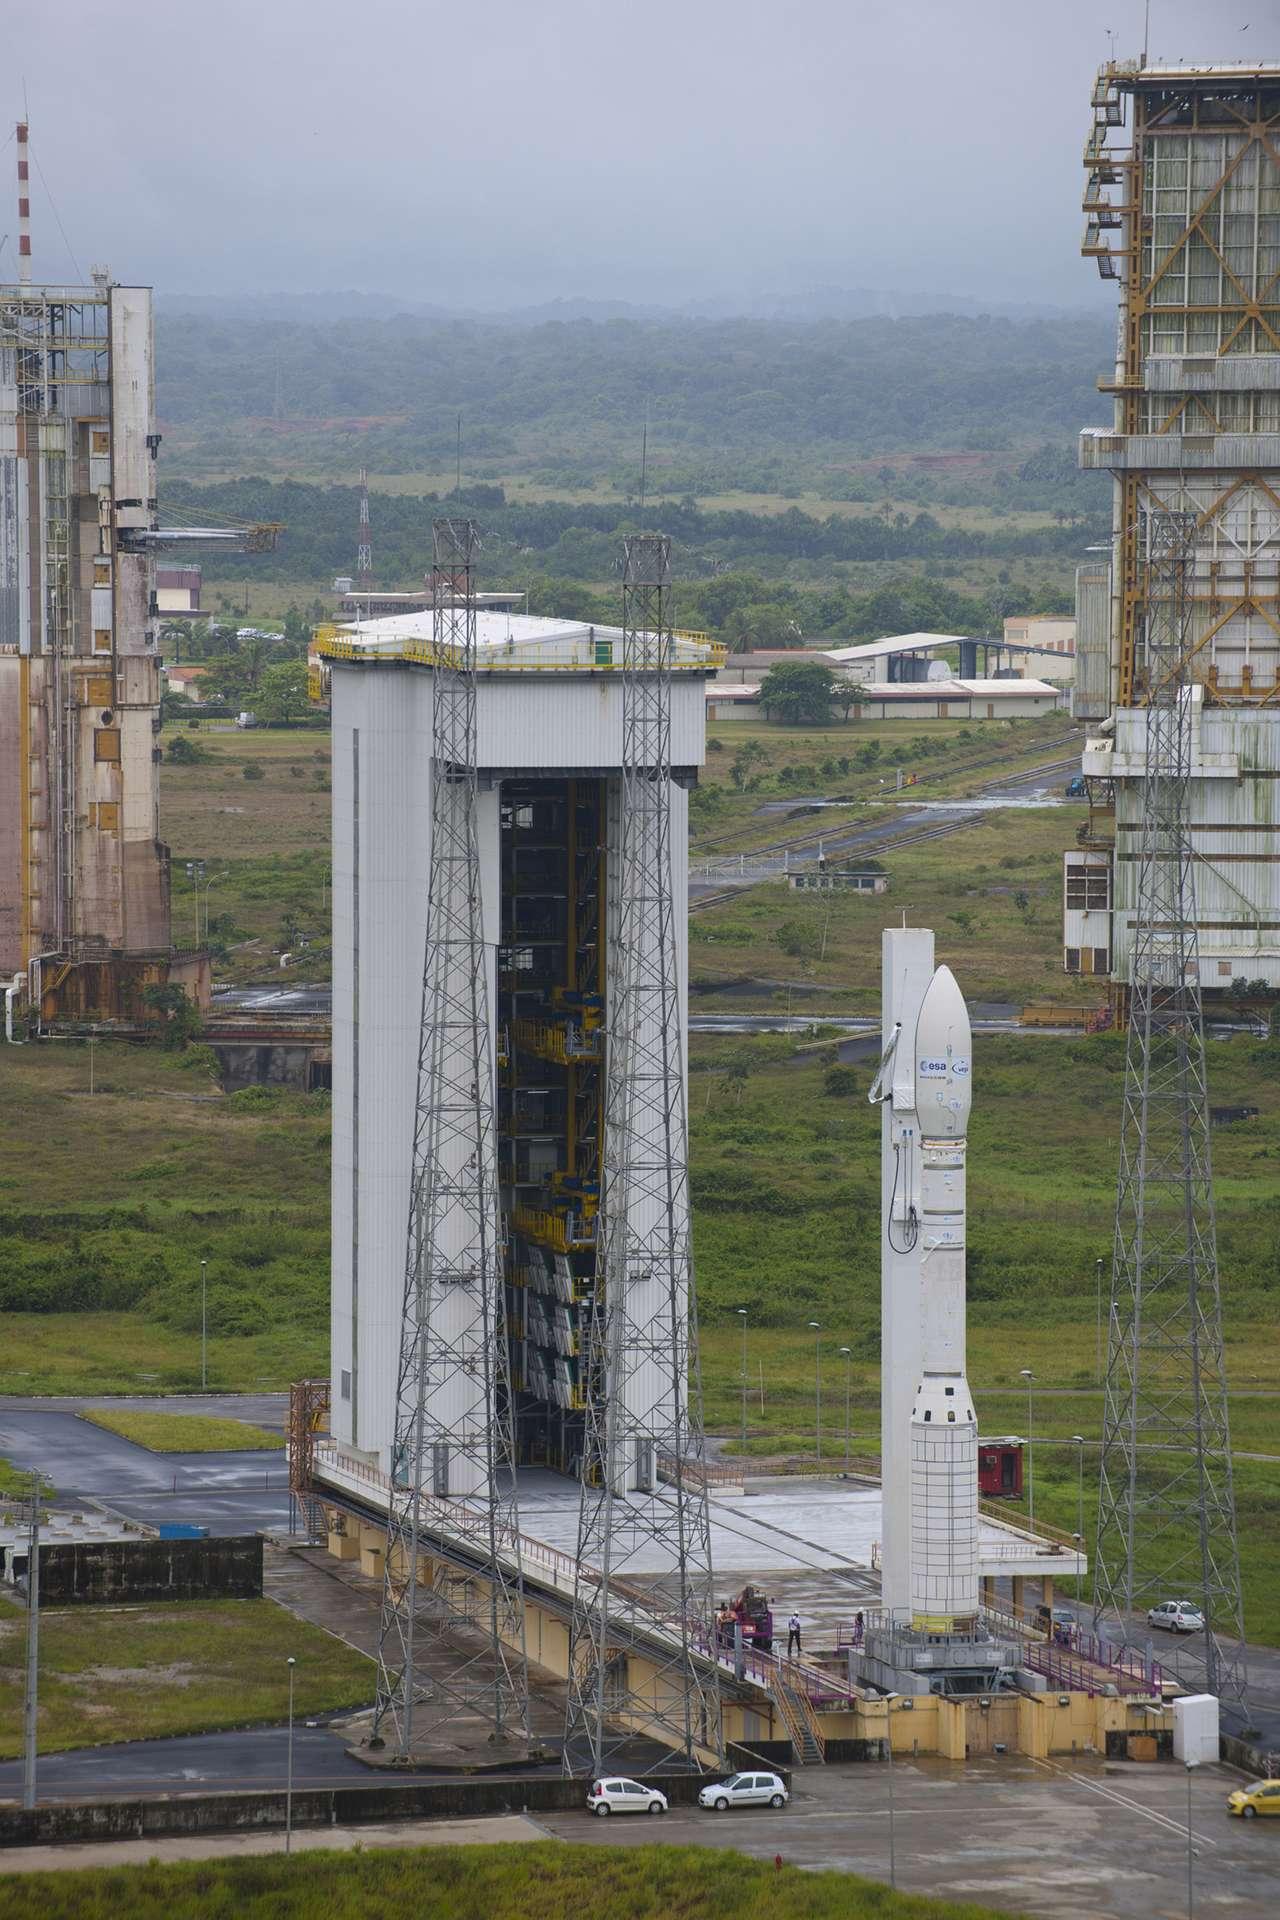 Destiné à la mise sur orbite de petits et moyens satellites, Vega, dont on voit une maquette à l'échelle sur son pas de tir, doit réaliser son vol inaugural en janvier 2012. © Esa/S. Corvaja